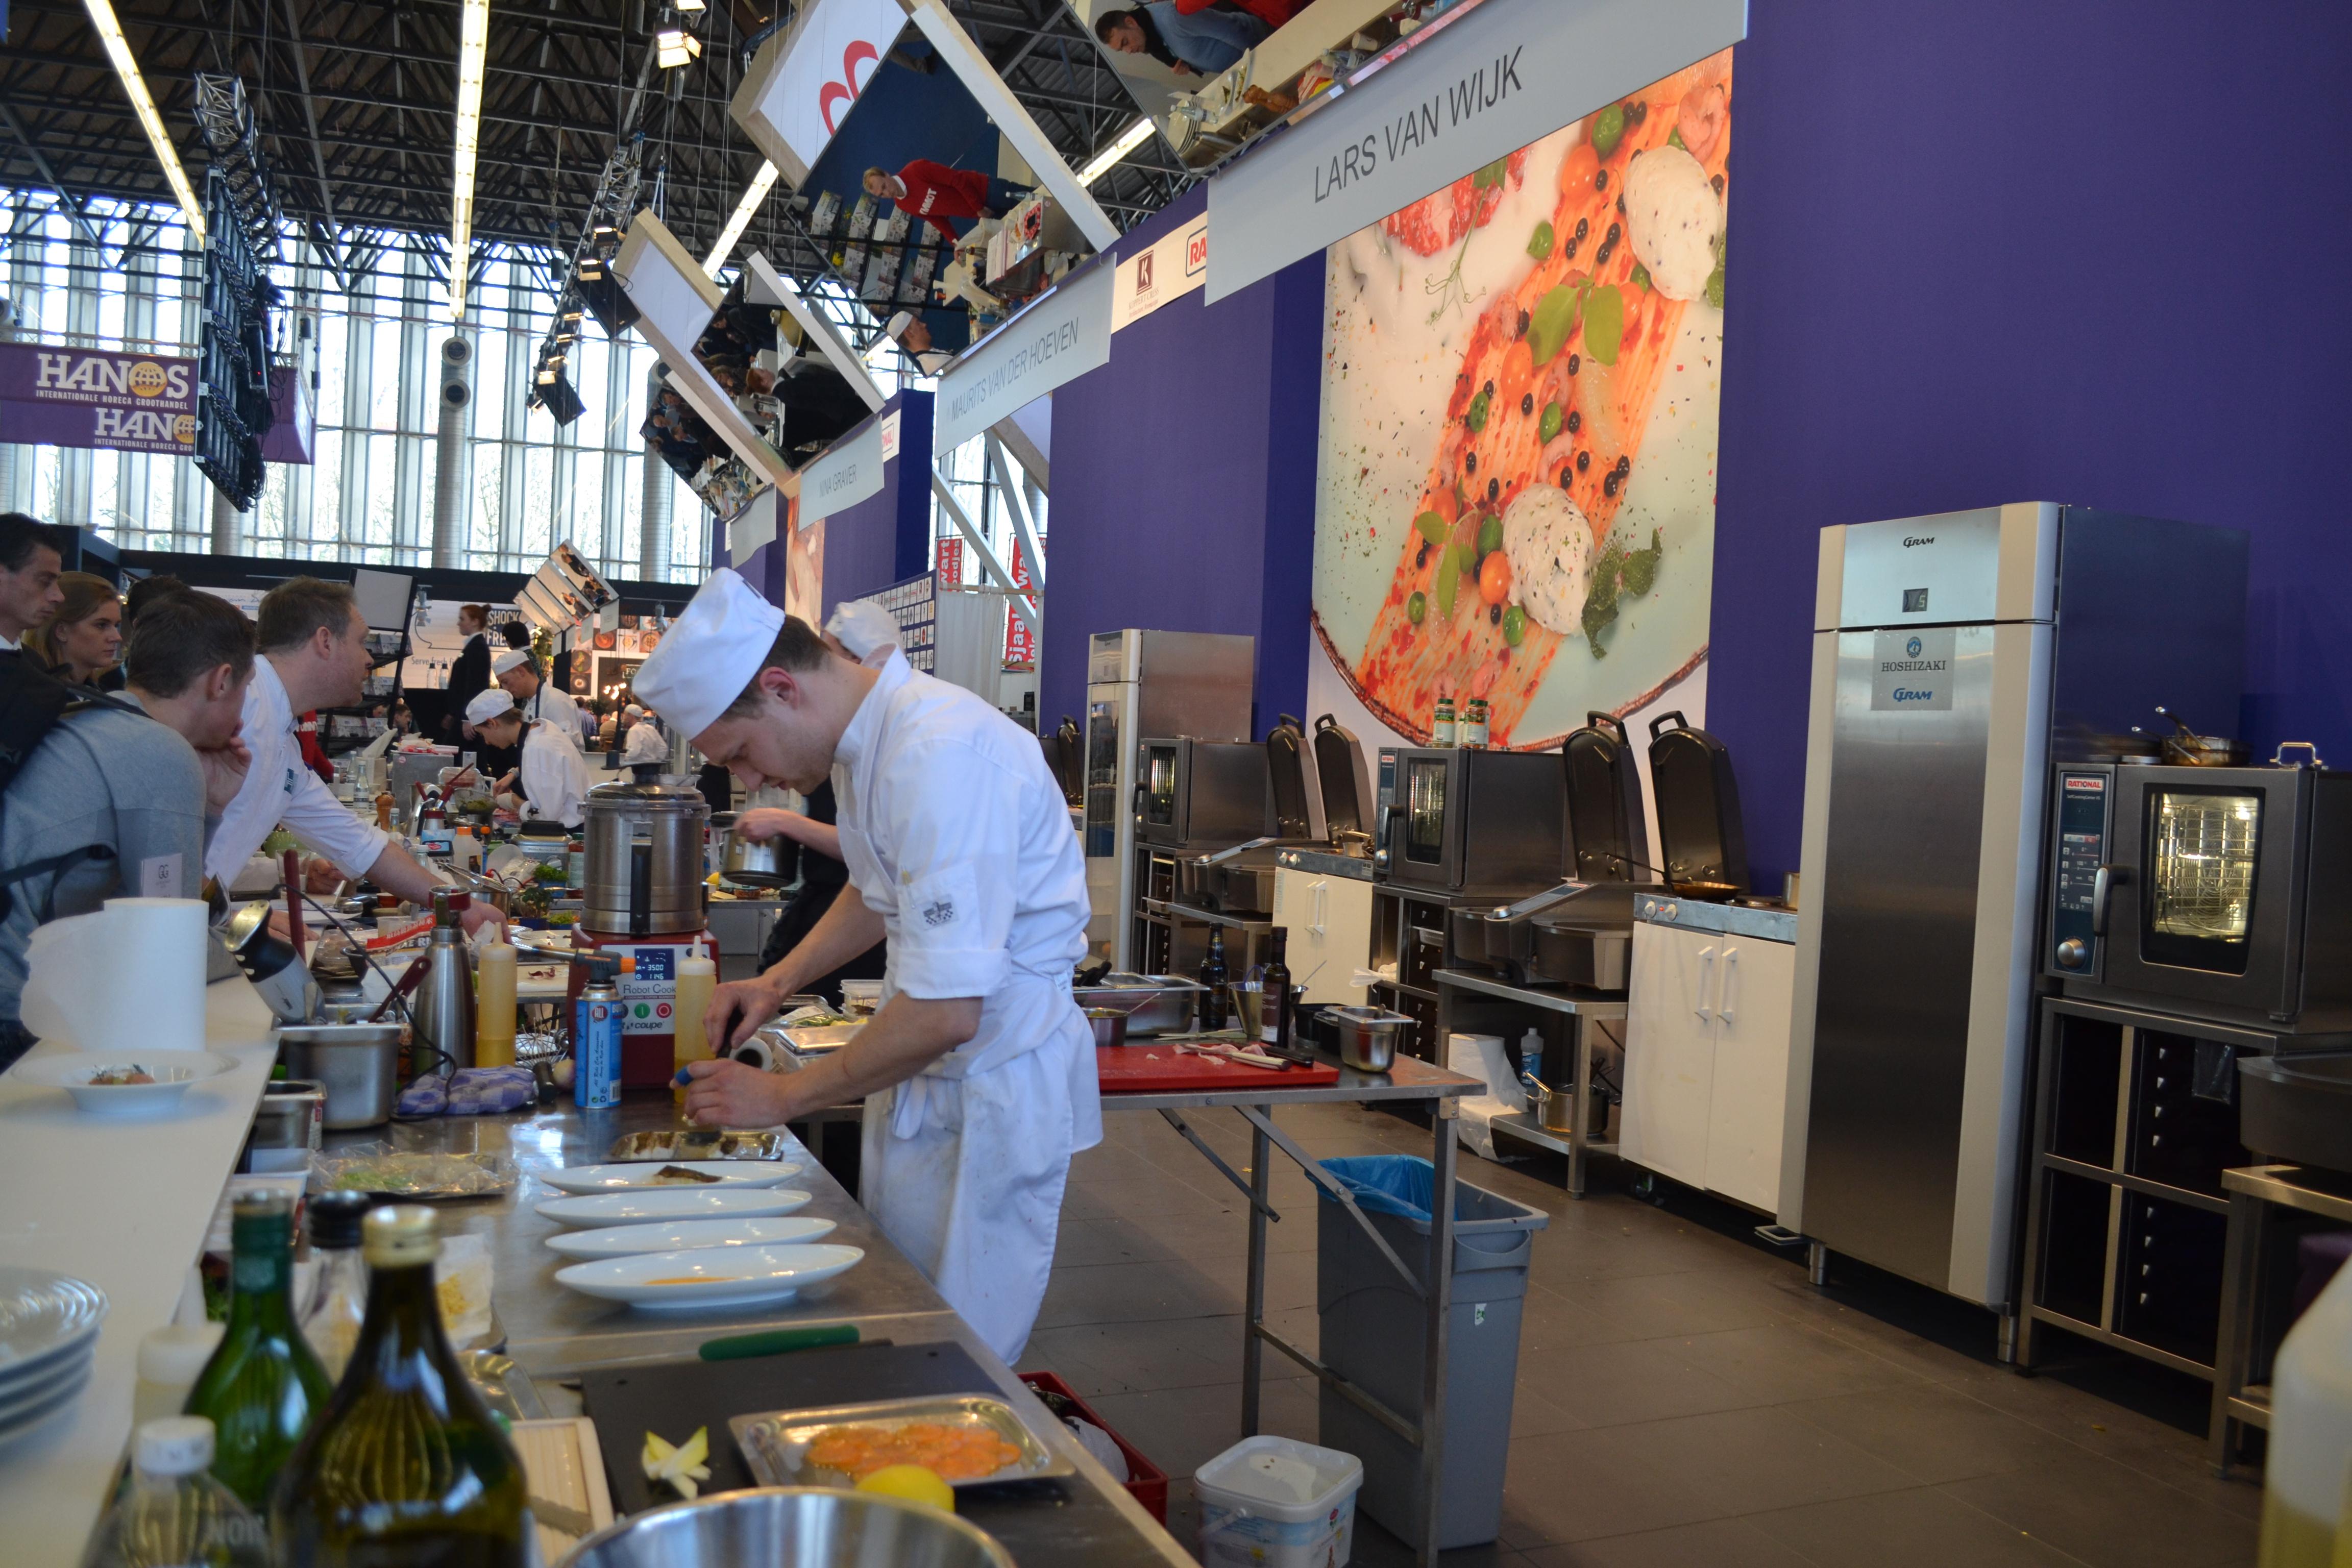 Foto's van de wedstrijd en de gerechten.